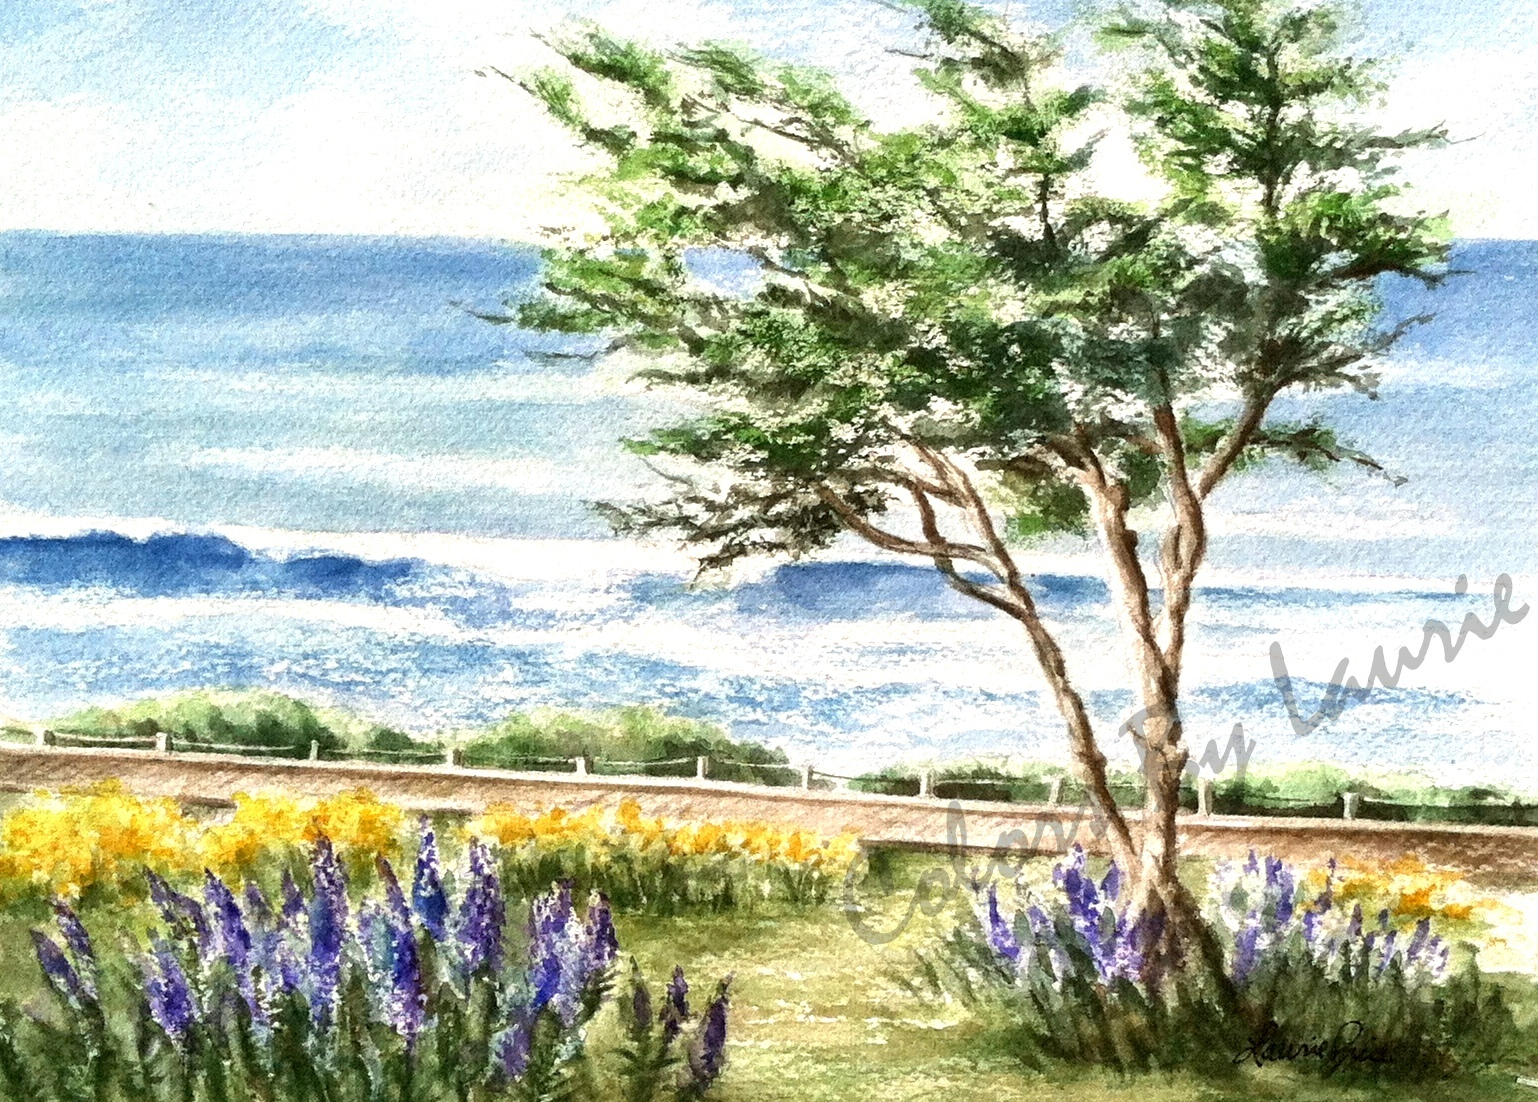 CAMBRIA BOARDWALK - Moonstone Beach Drive - SIZE: 5 X 7